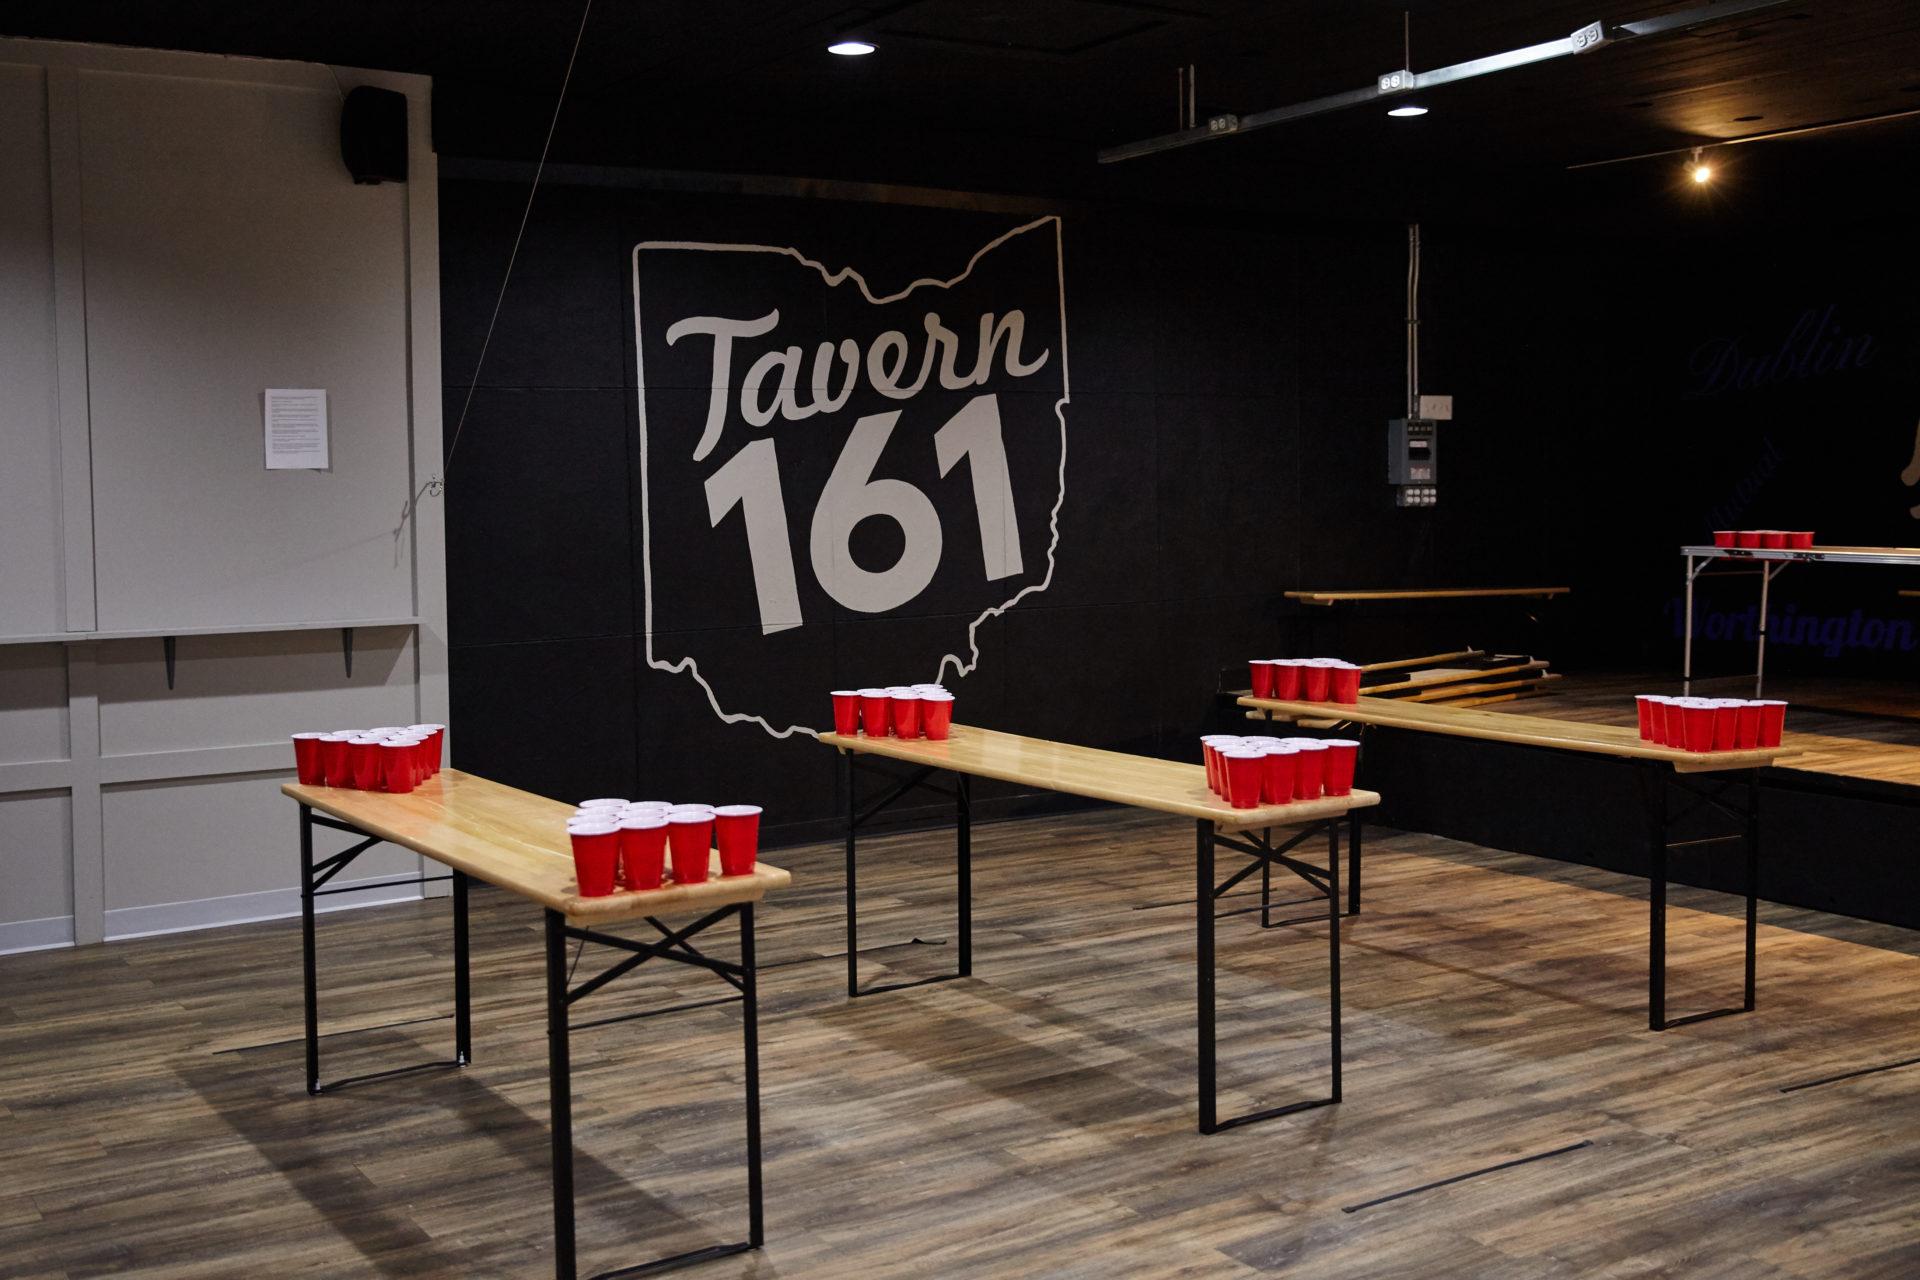 2018_Tavern161_Kaiser2086